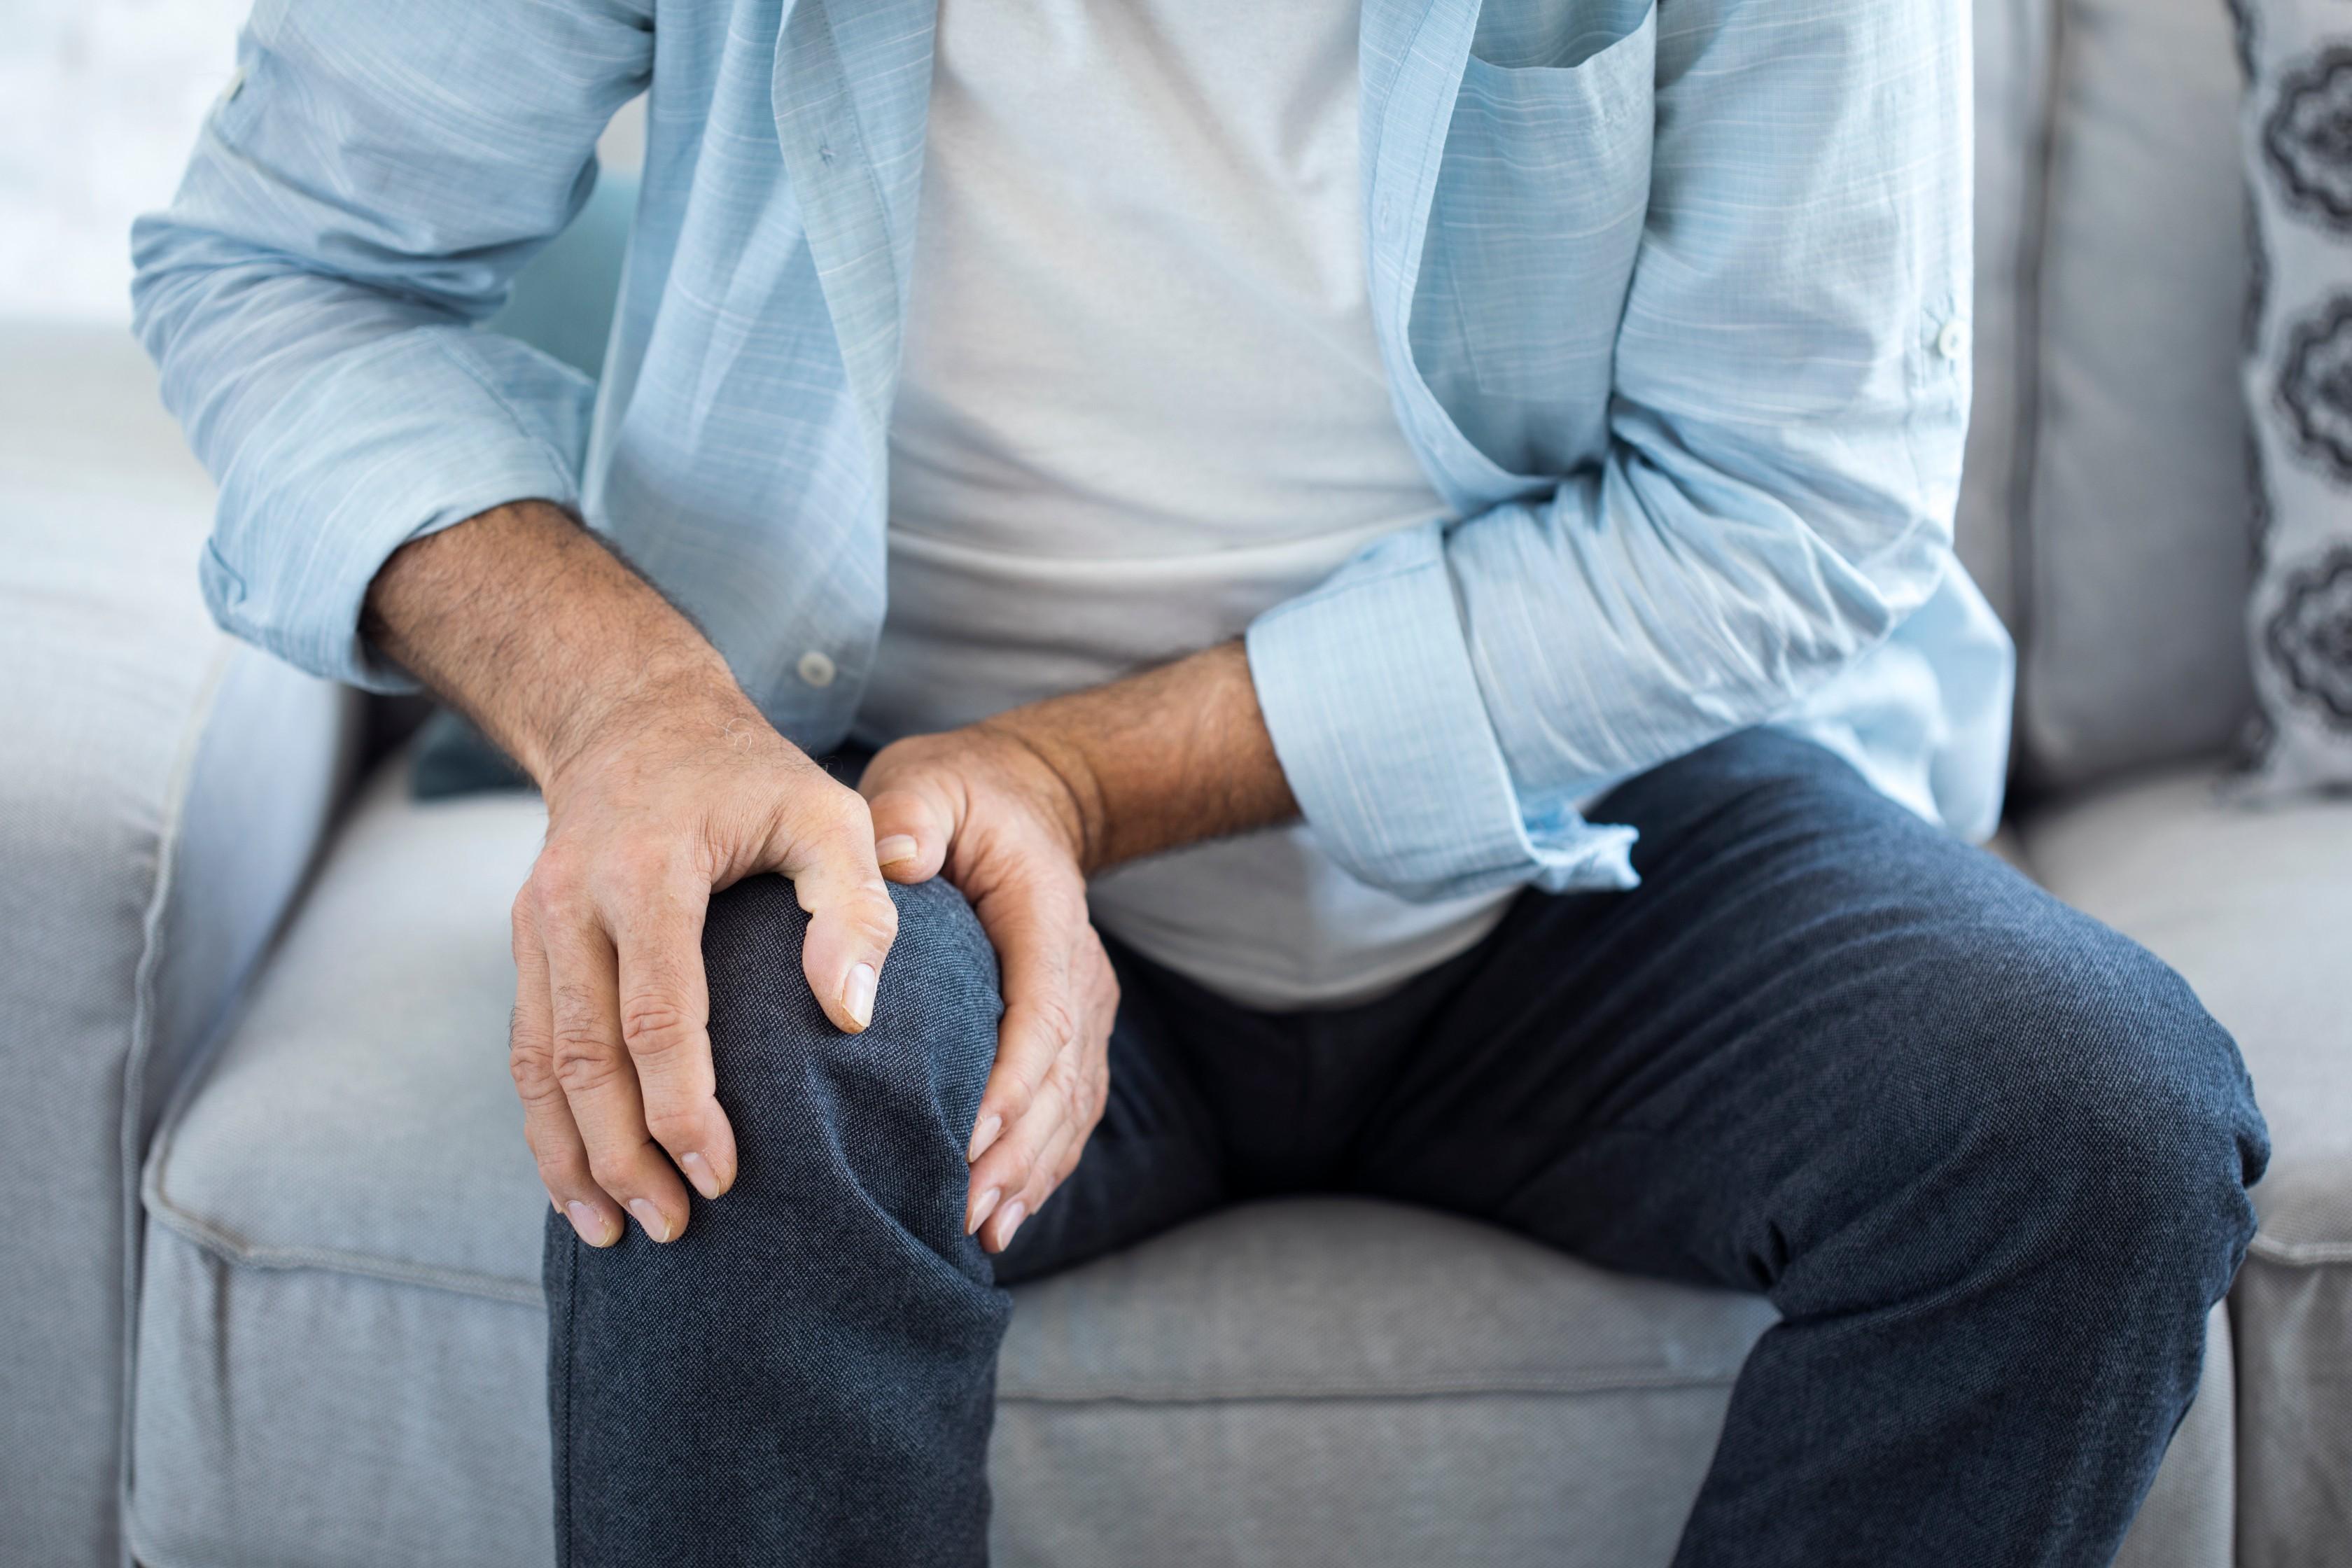 ízületi fájdalom a karban és a hónaljban a jobb kéz fájdalma fáj az ízületeket